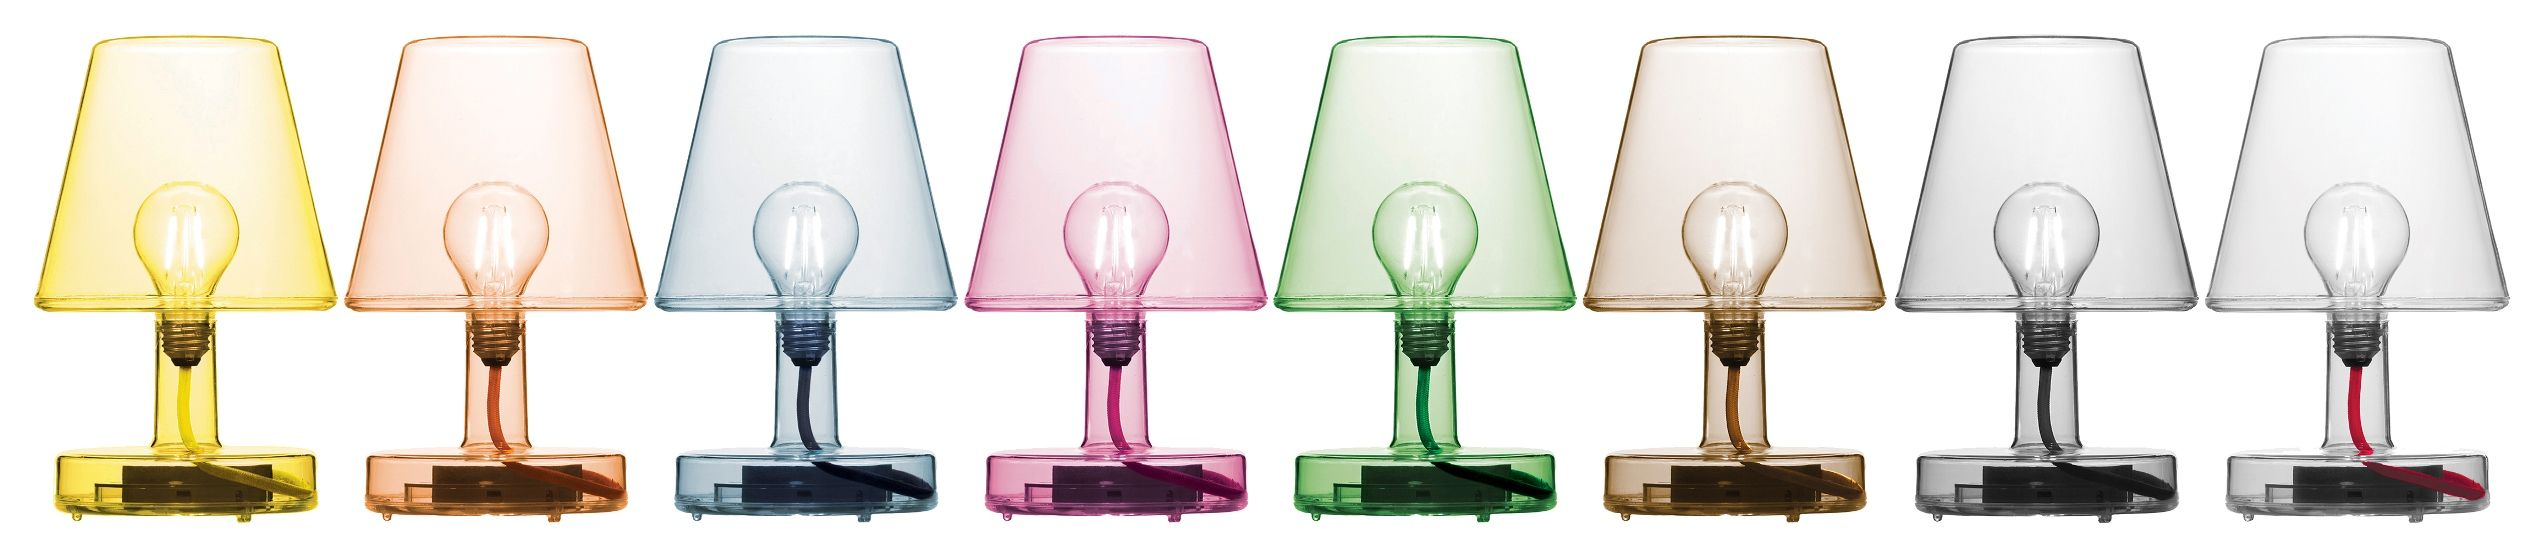 Fatboy Transloetje Table Light Transparent Table Lamp Lamp Retro Table Lamps